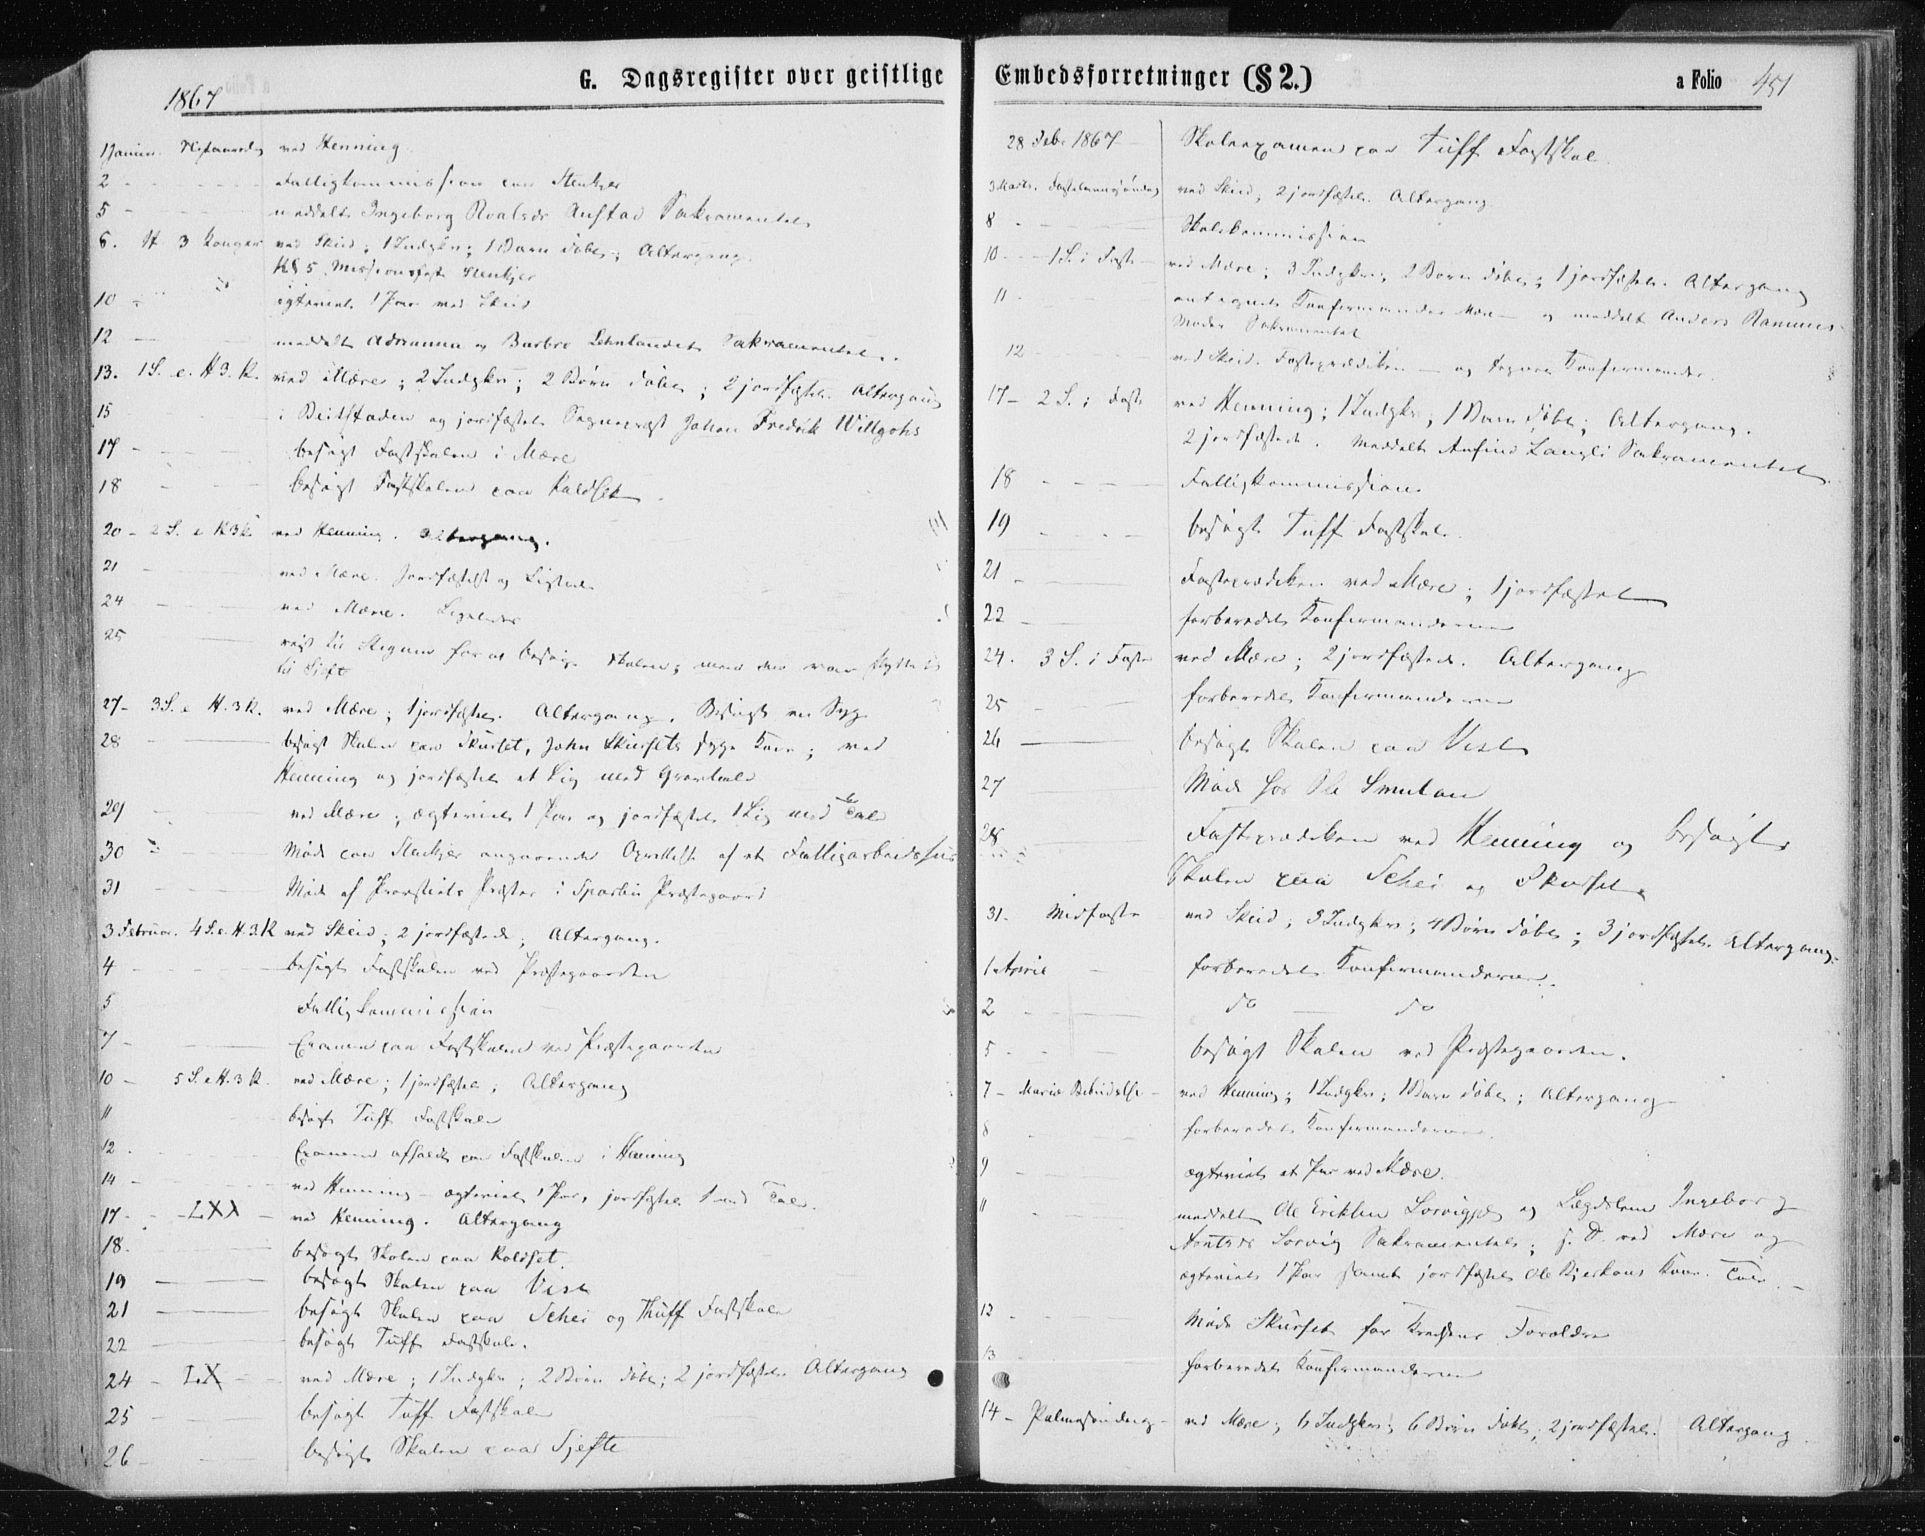 SAT, Ministerialprotokoller, klokkerbøker og fødselsregistre - Nord-Trøndelag, 735/L0345: Ministerialbok nr. 735A08 /1, 1863-1872, s. 451